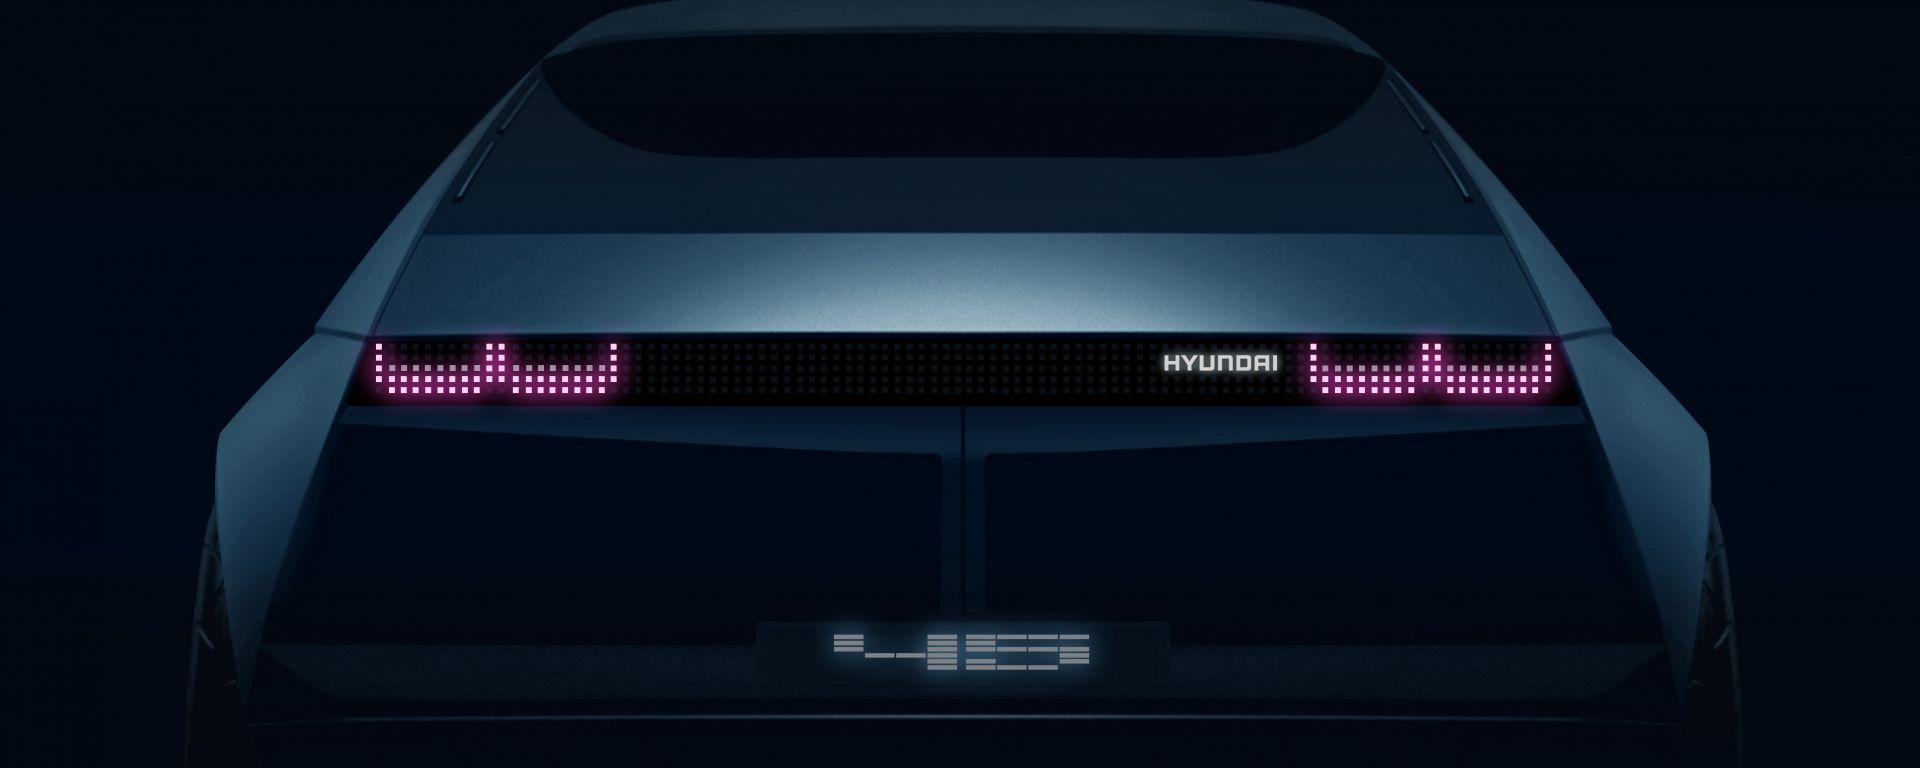 Hyundai [45] Concept Car